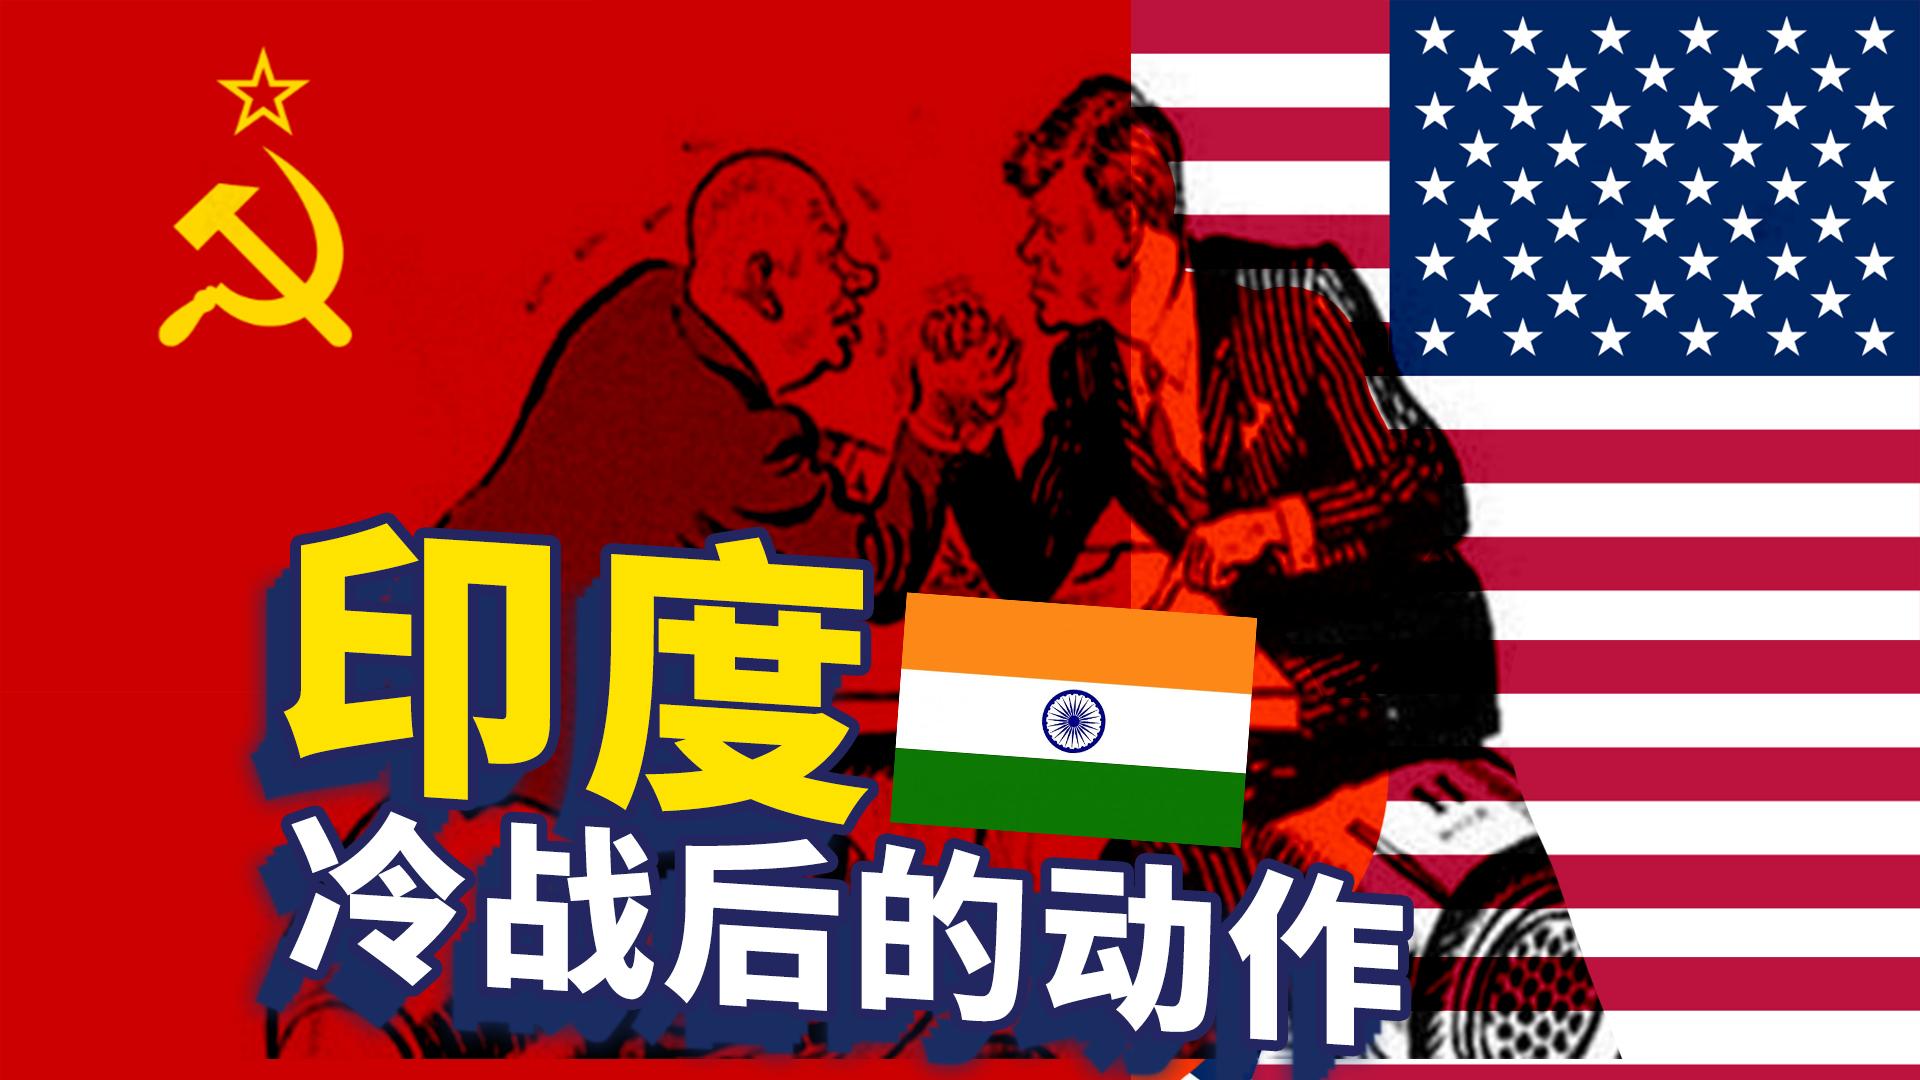 深挖印度大国梦之冷战后布局,令人惊叹!